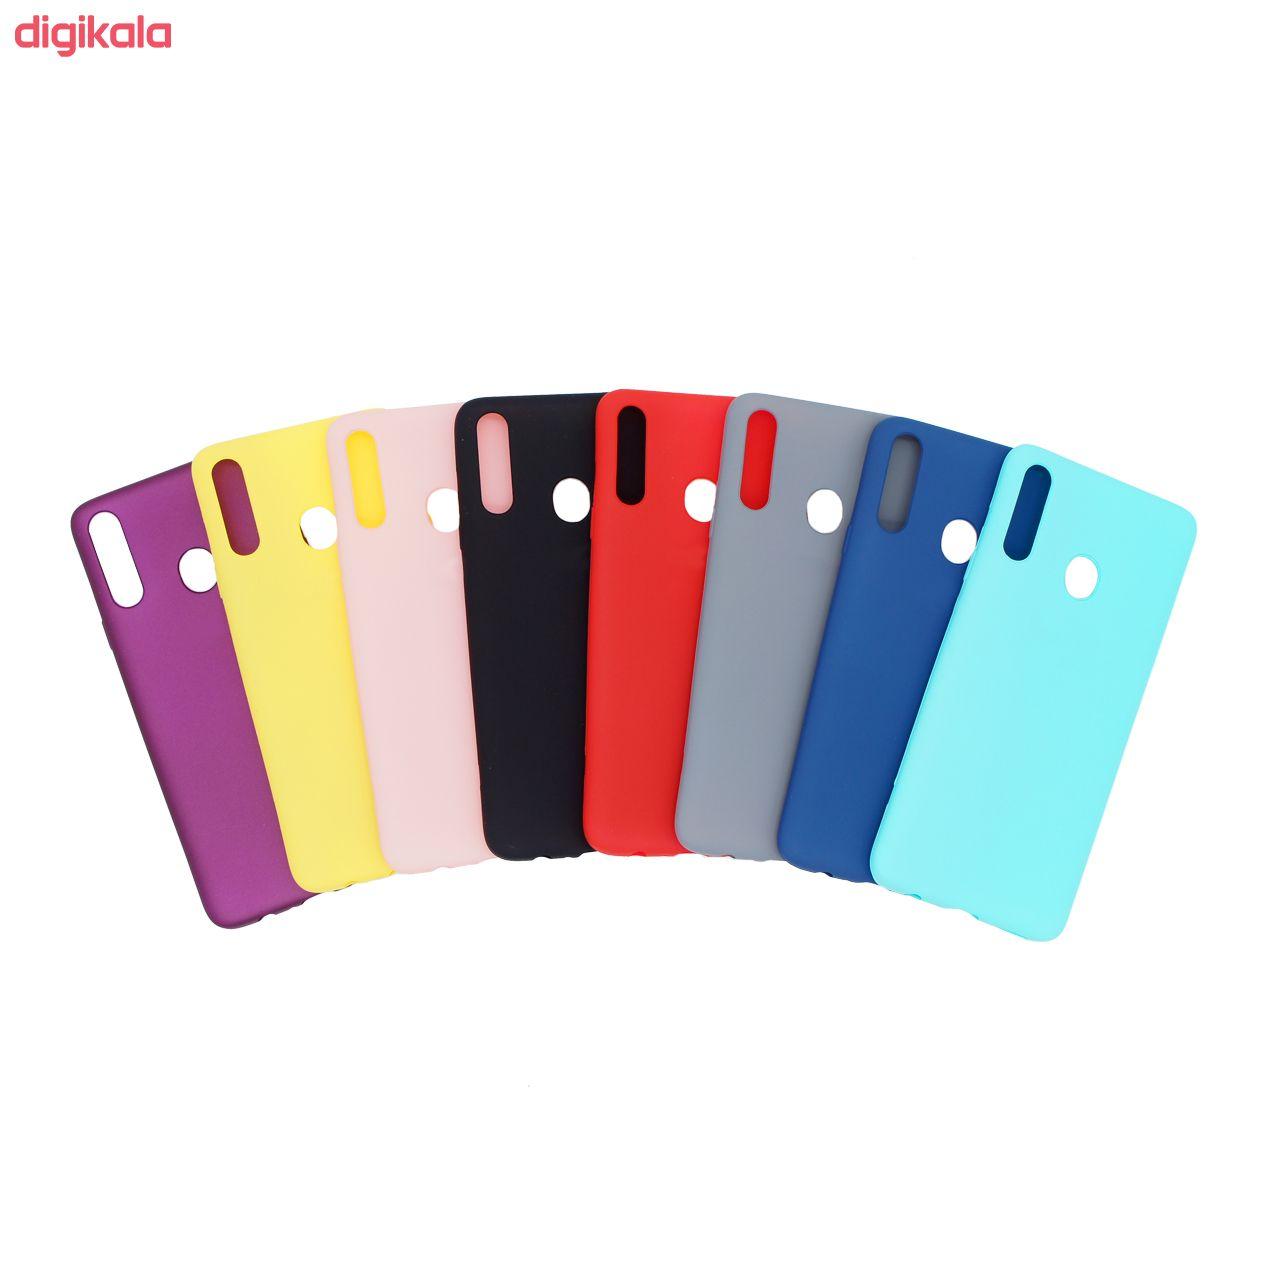 کاور موناکو مدل Sn200 مناسب برای گوشی موبایل سامسونگ Galaxy A20s به همراه 3 عدد محافظ صفحه نمایش